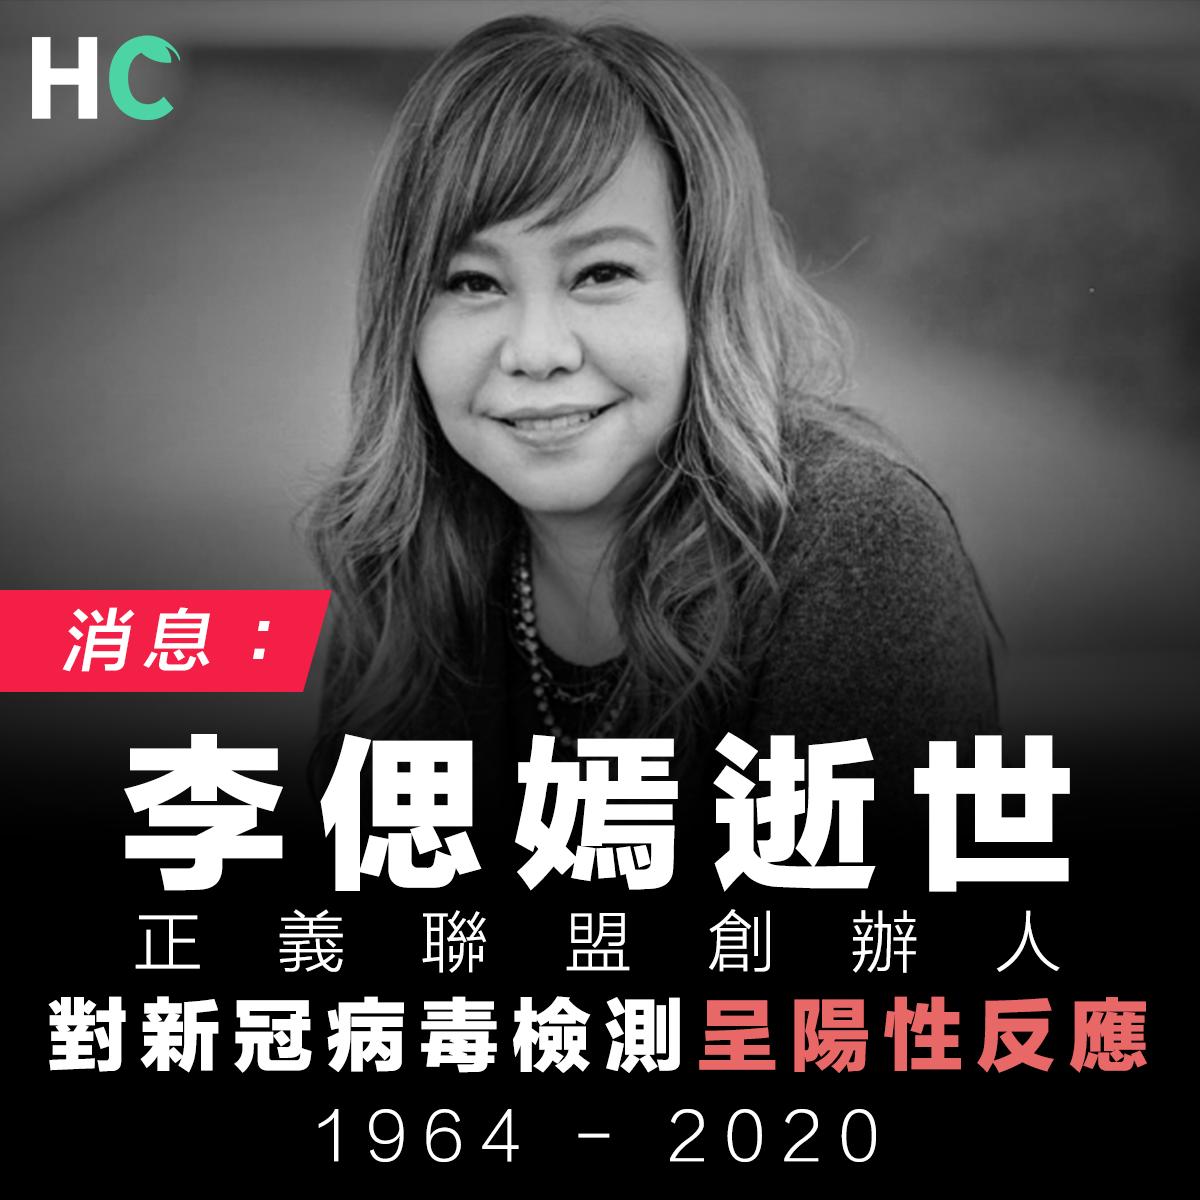 消息:正義聯盟創辦人李偲嫣逝世 對新冠病毒呈陽性反應